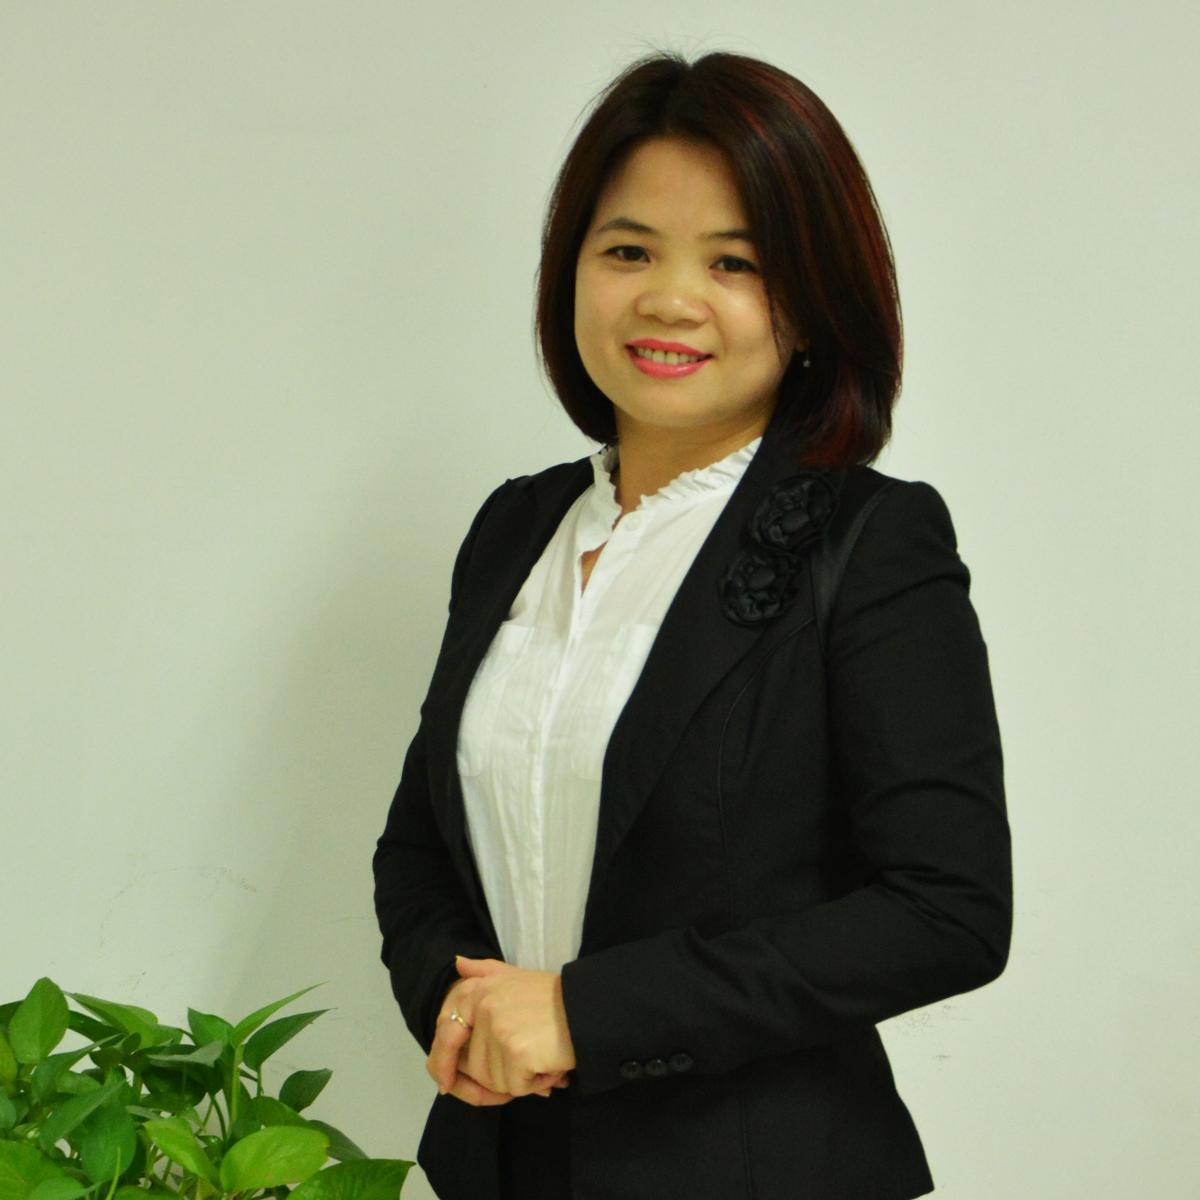 Ms. Hoang Thi Gioi